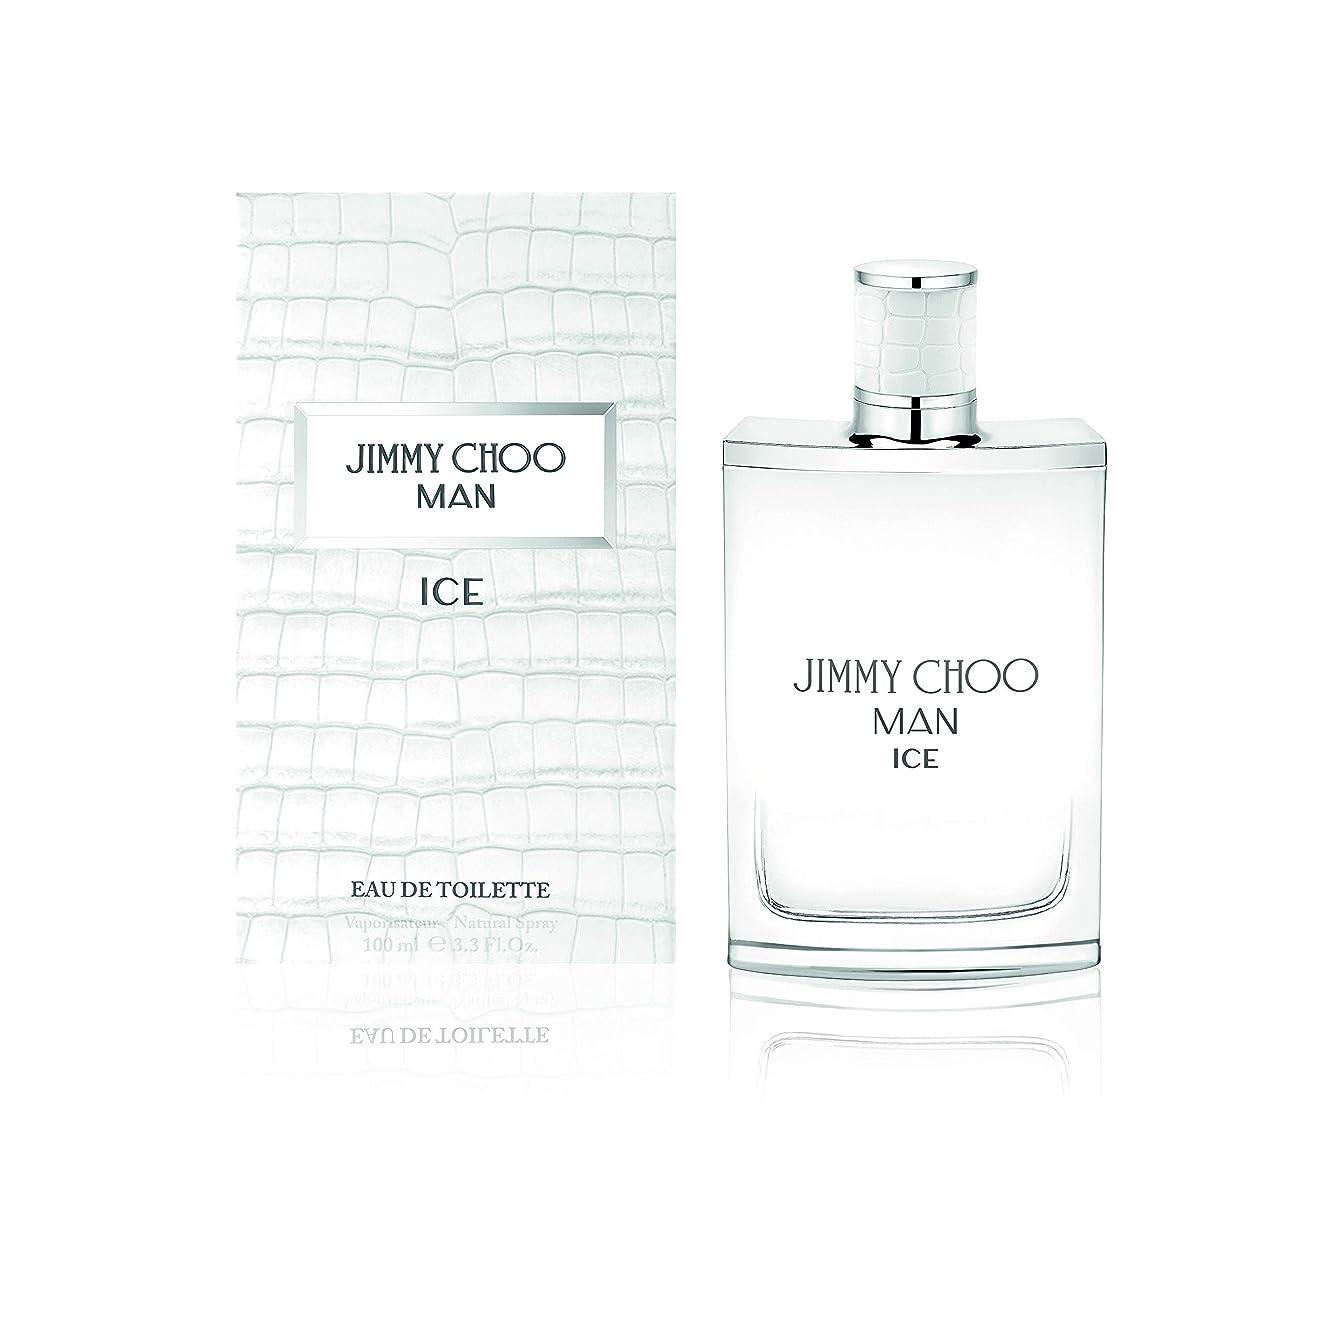 手術耐えられるアウトドアJimmy Choo Man Ice (ジミー チュー マン) 3.3 oz (100ml) EDT Spray for Men